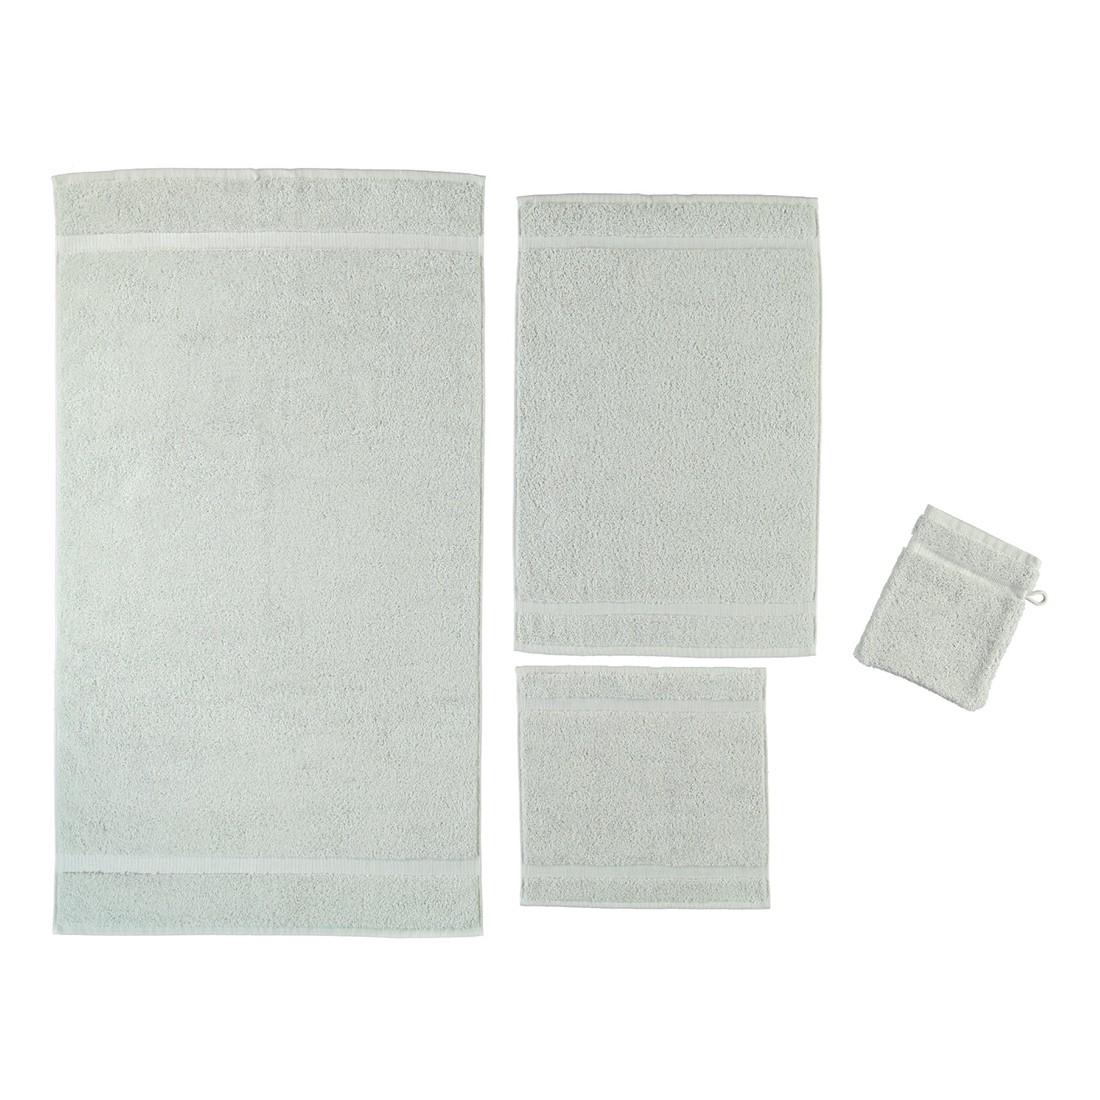 Handtuch Princess – 100% Baumwolle perlGrau – 11 – Seiflappen: 30 x 30 cm, Rhomtuft günstig